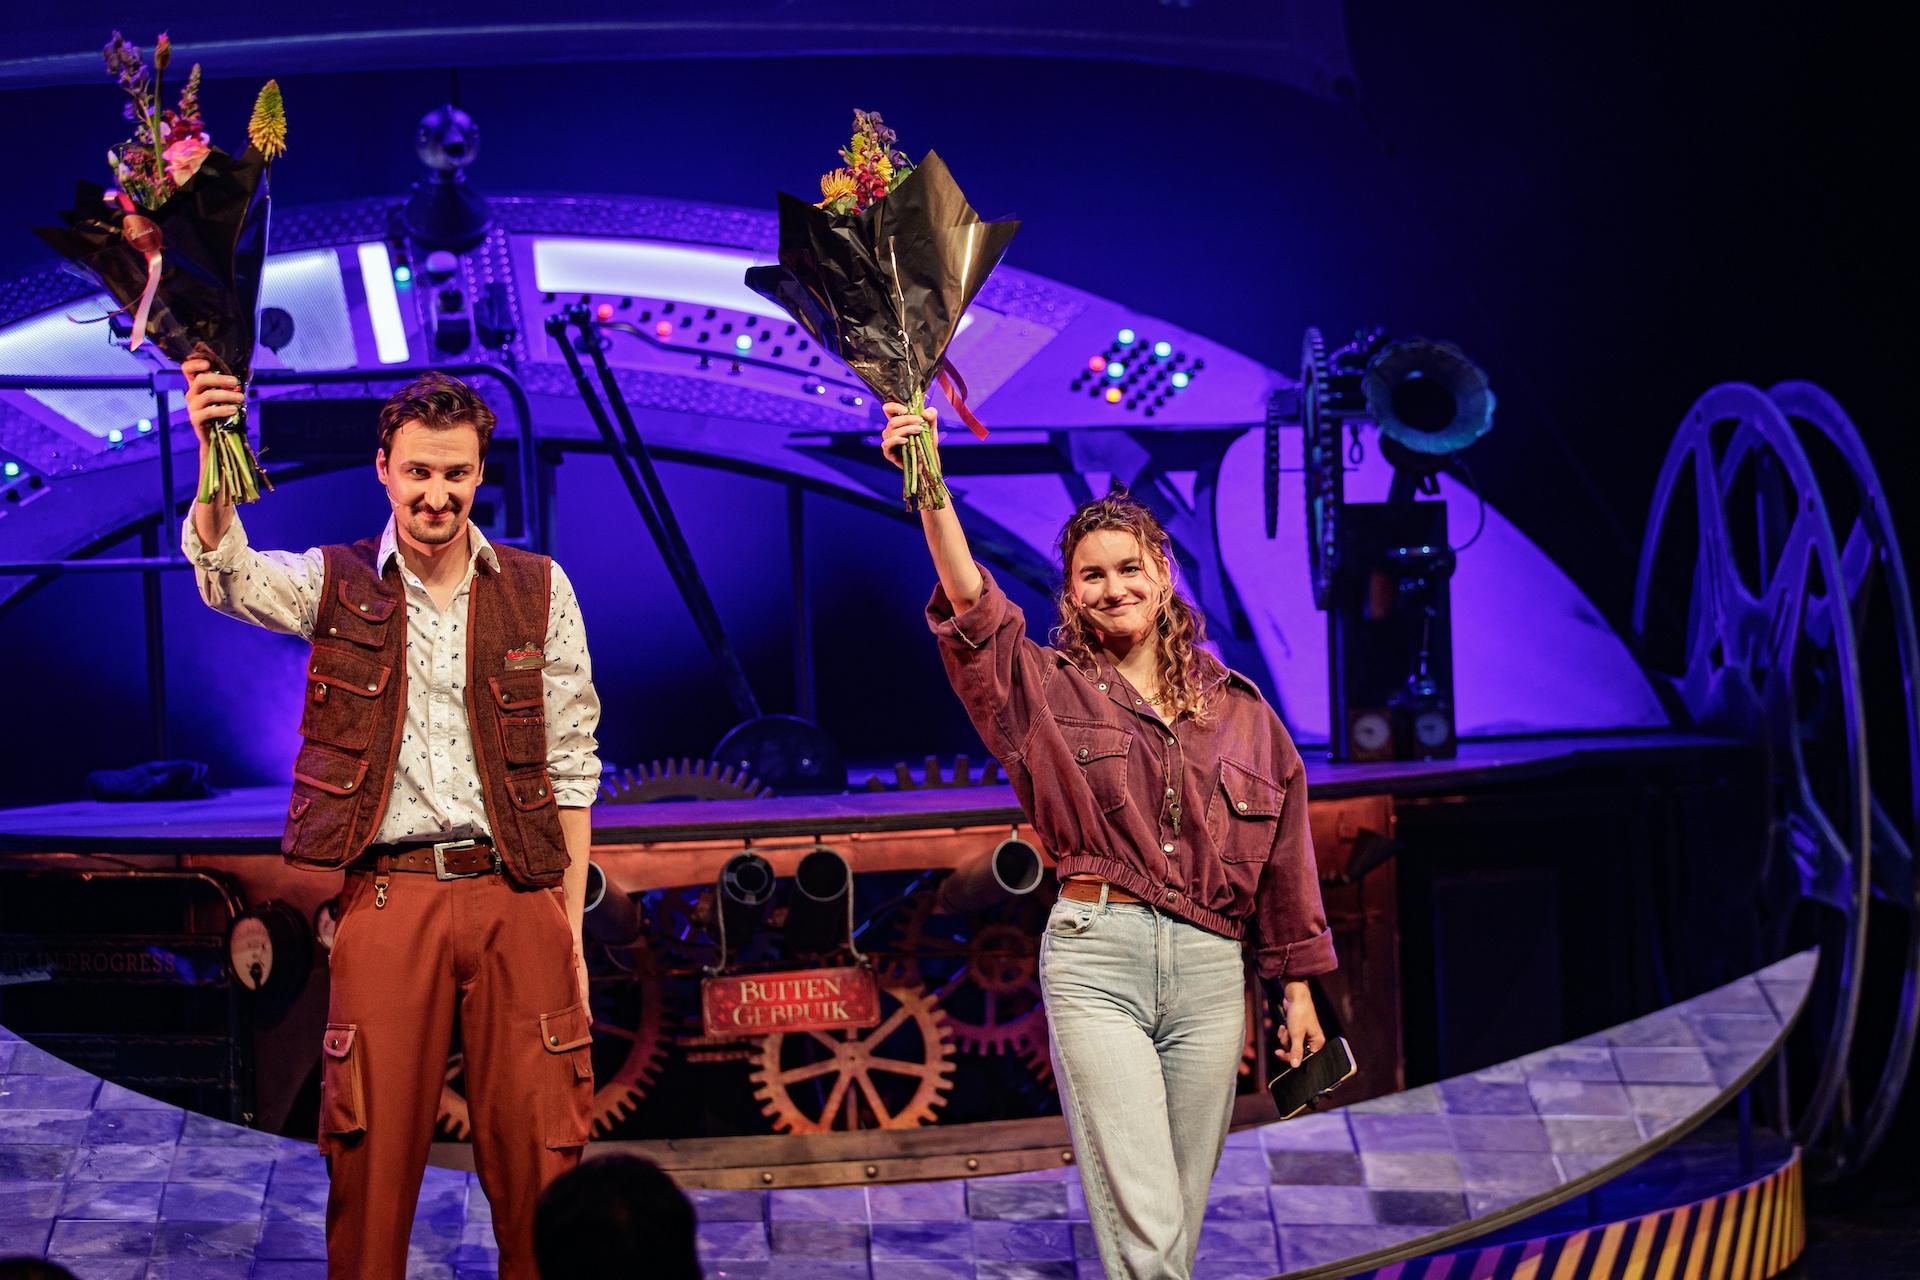 Nieuwe Efteling-theatershow beleeft première in Eindhoven